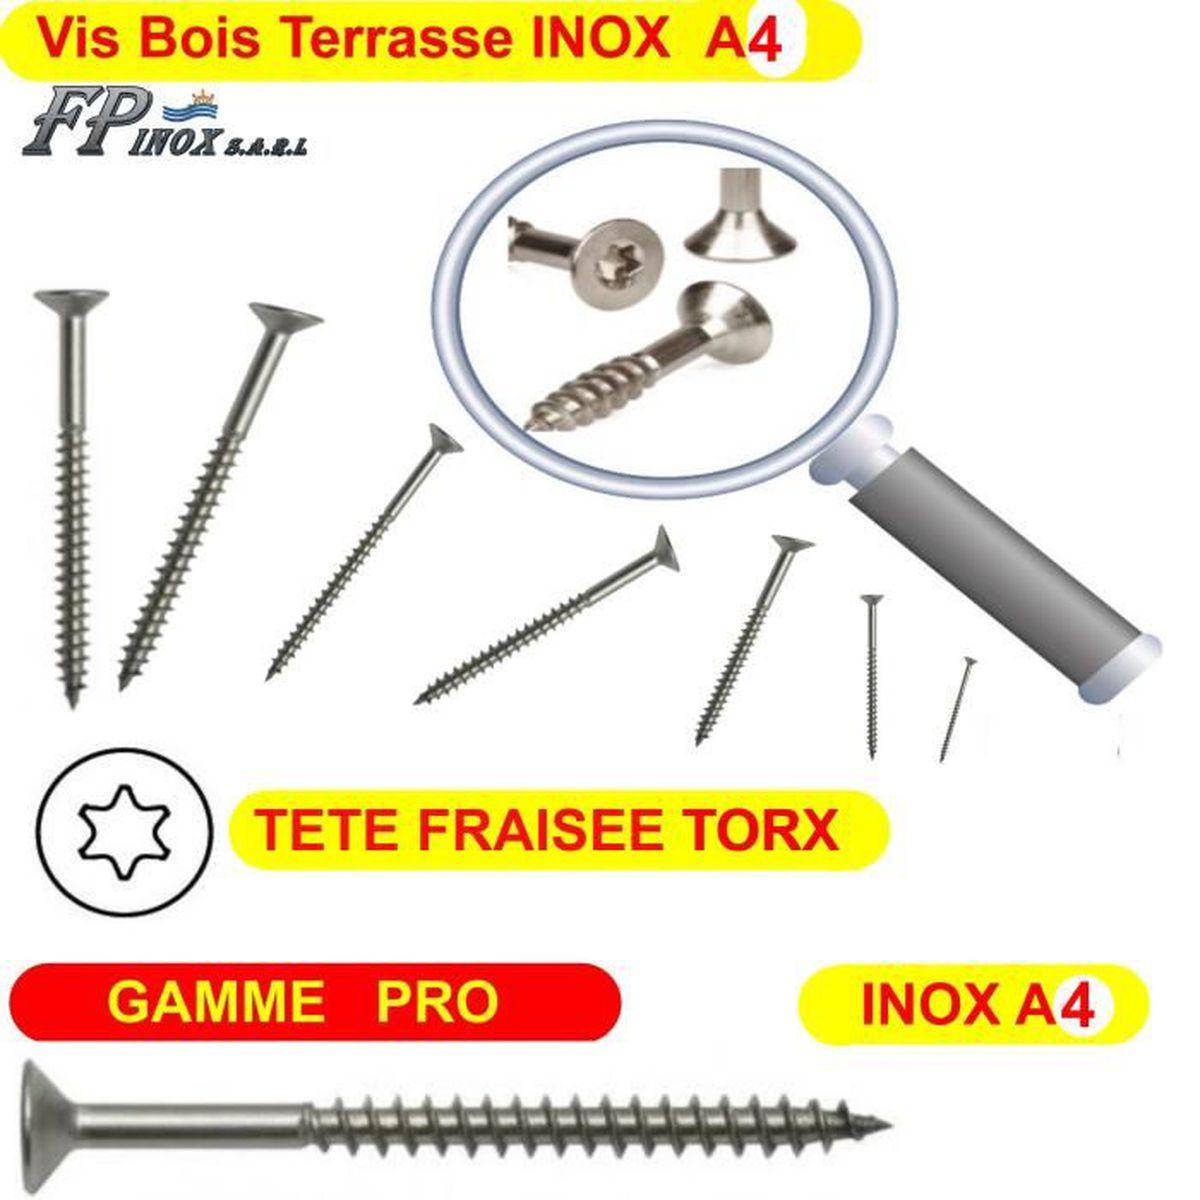 5x50 Lot 1000 Vis Terrasse INOX A2 Bois Dur Exotique GAMME PRO 5x50 5x60 5x70